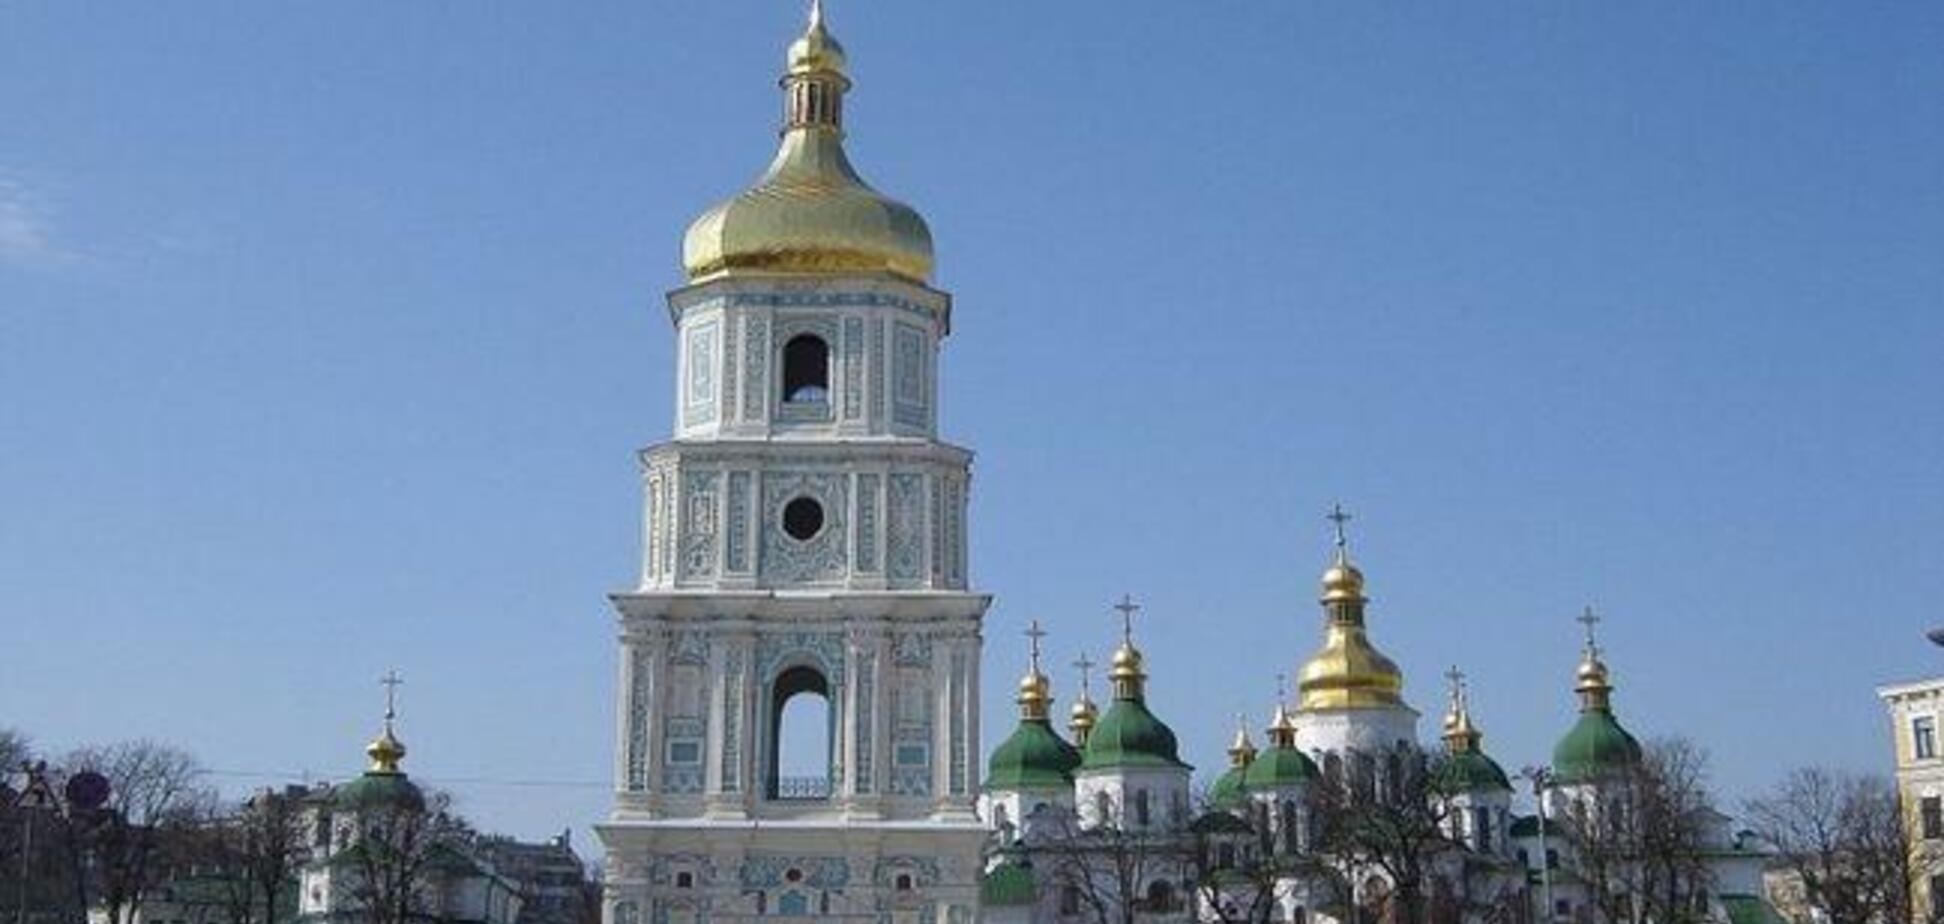 Скандал вокруг Софии Киевской: ПЦУ поставила на место греко-католиков